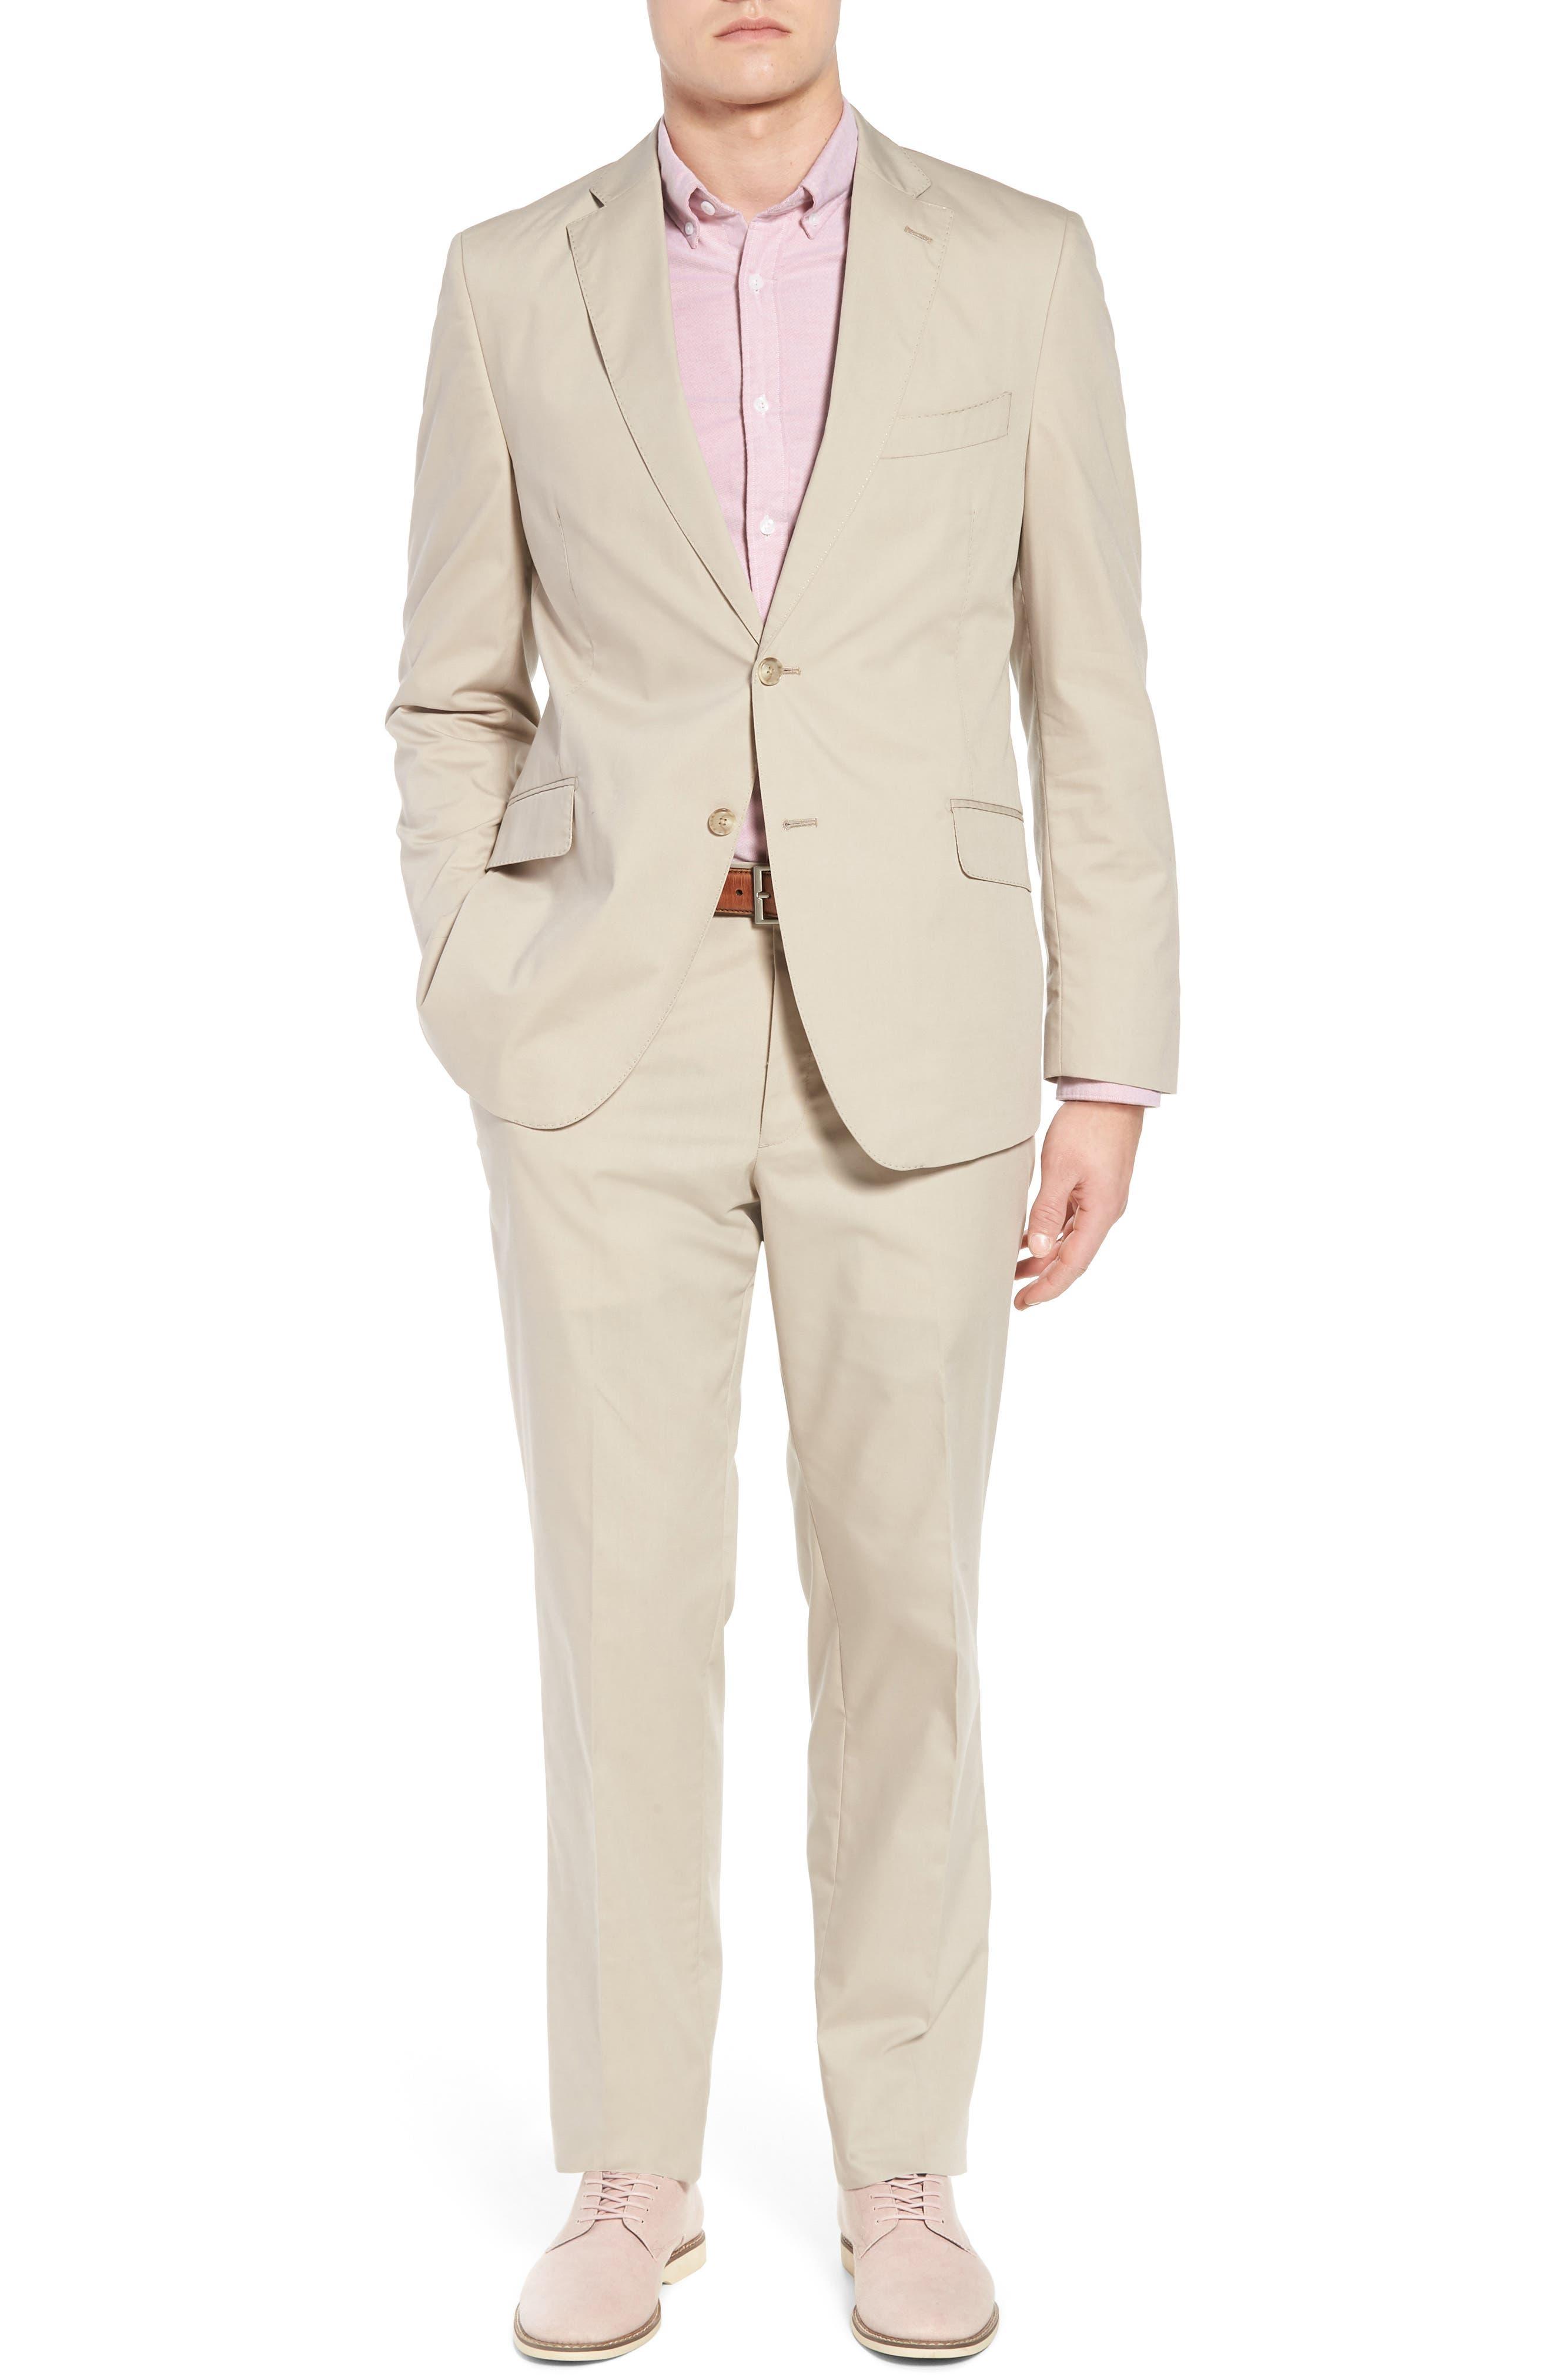 Irons AIM Classic Fit Solid Cotton Blend Suit,                         Main,                         color, Beige